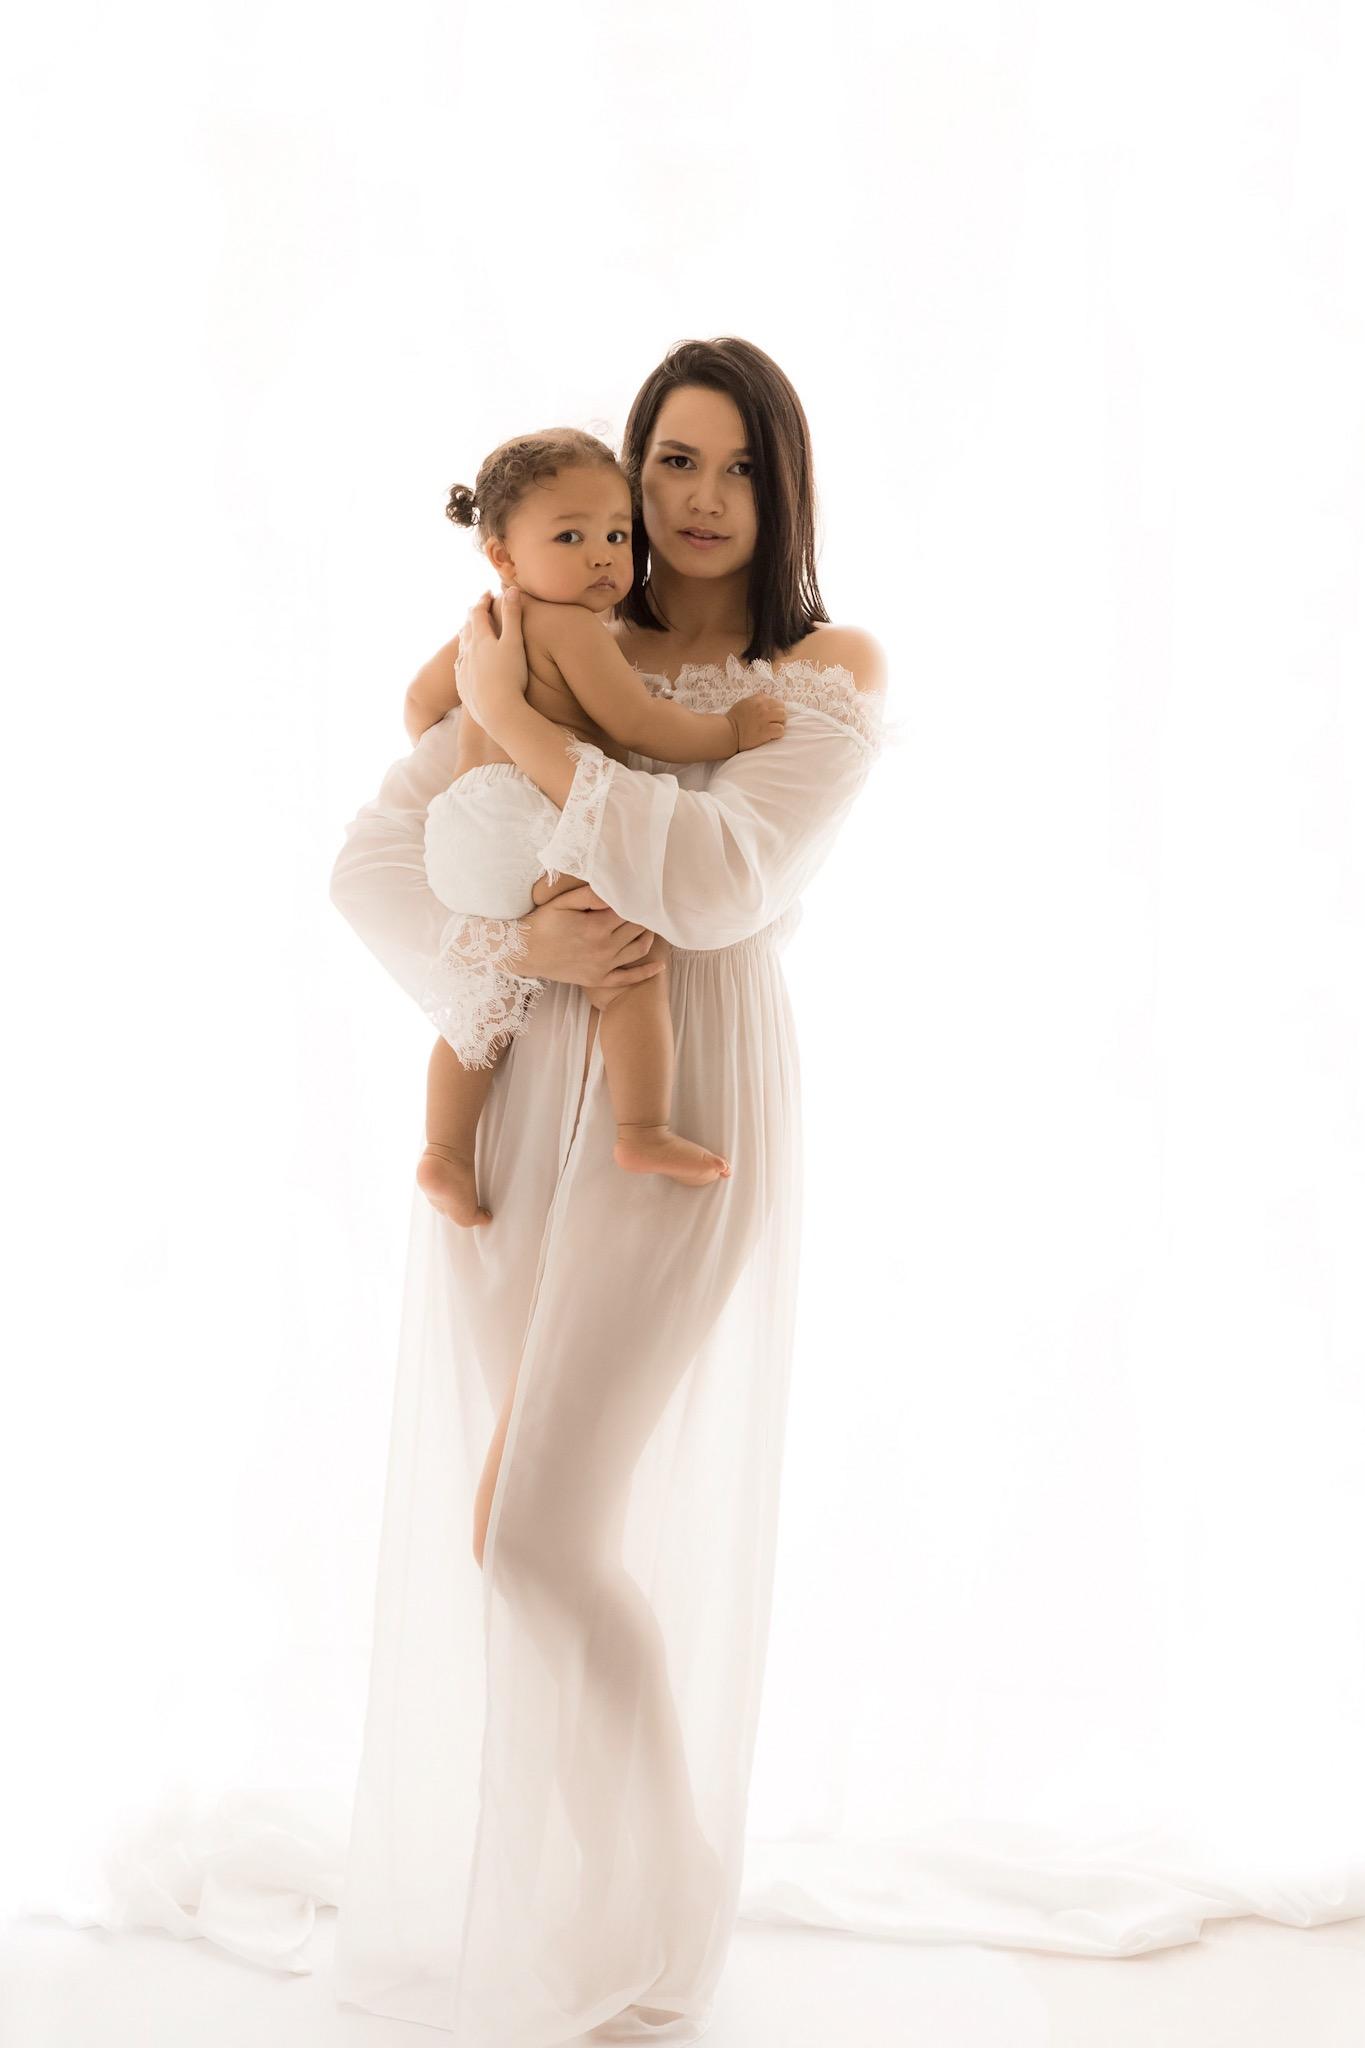 séance photo bébé et moi